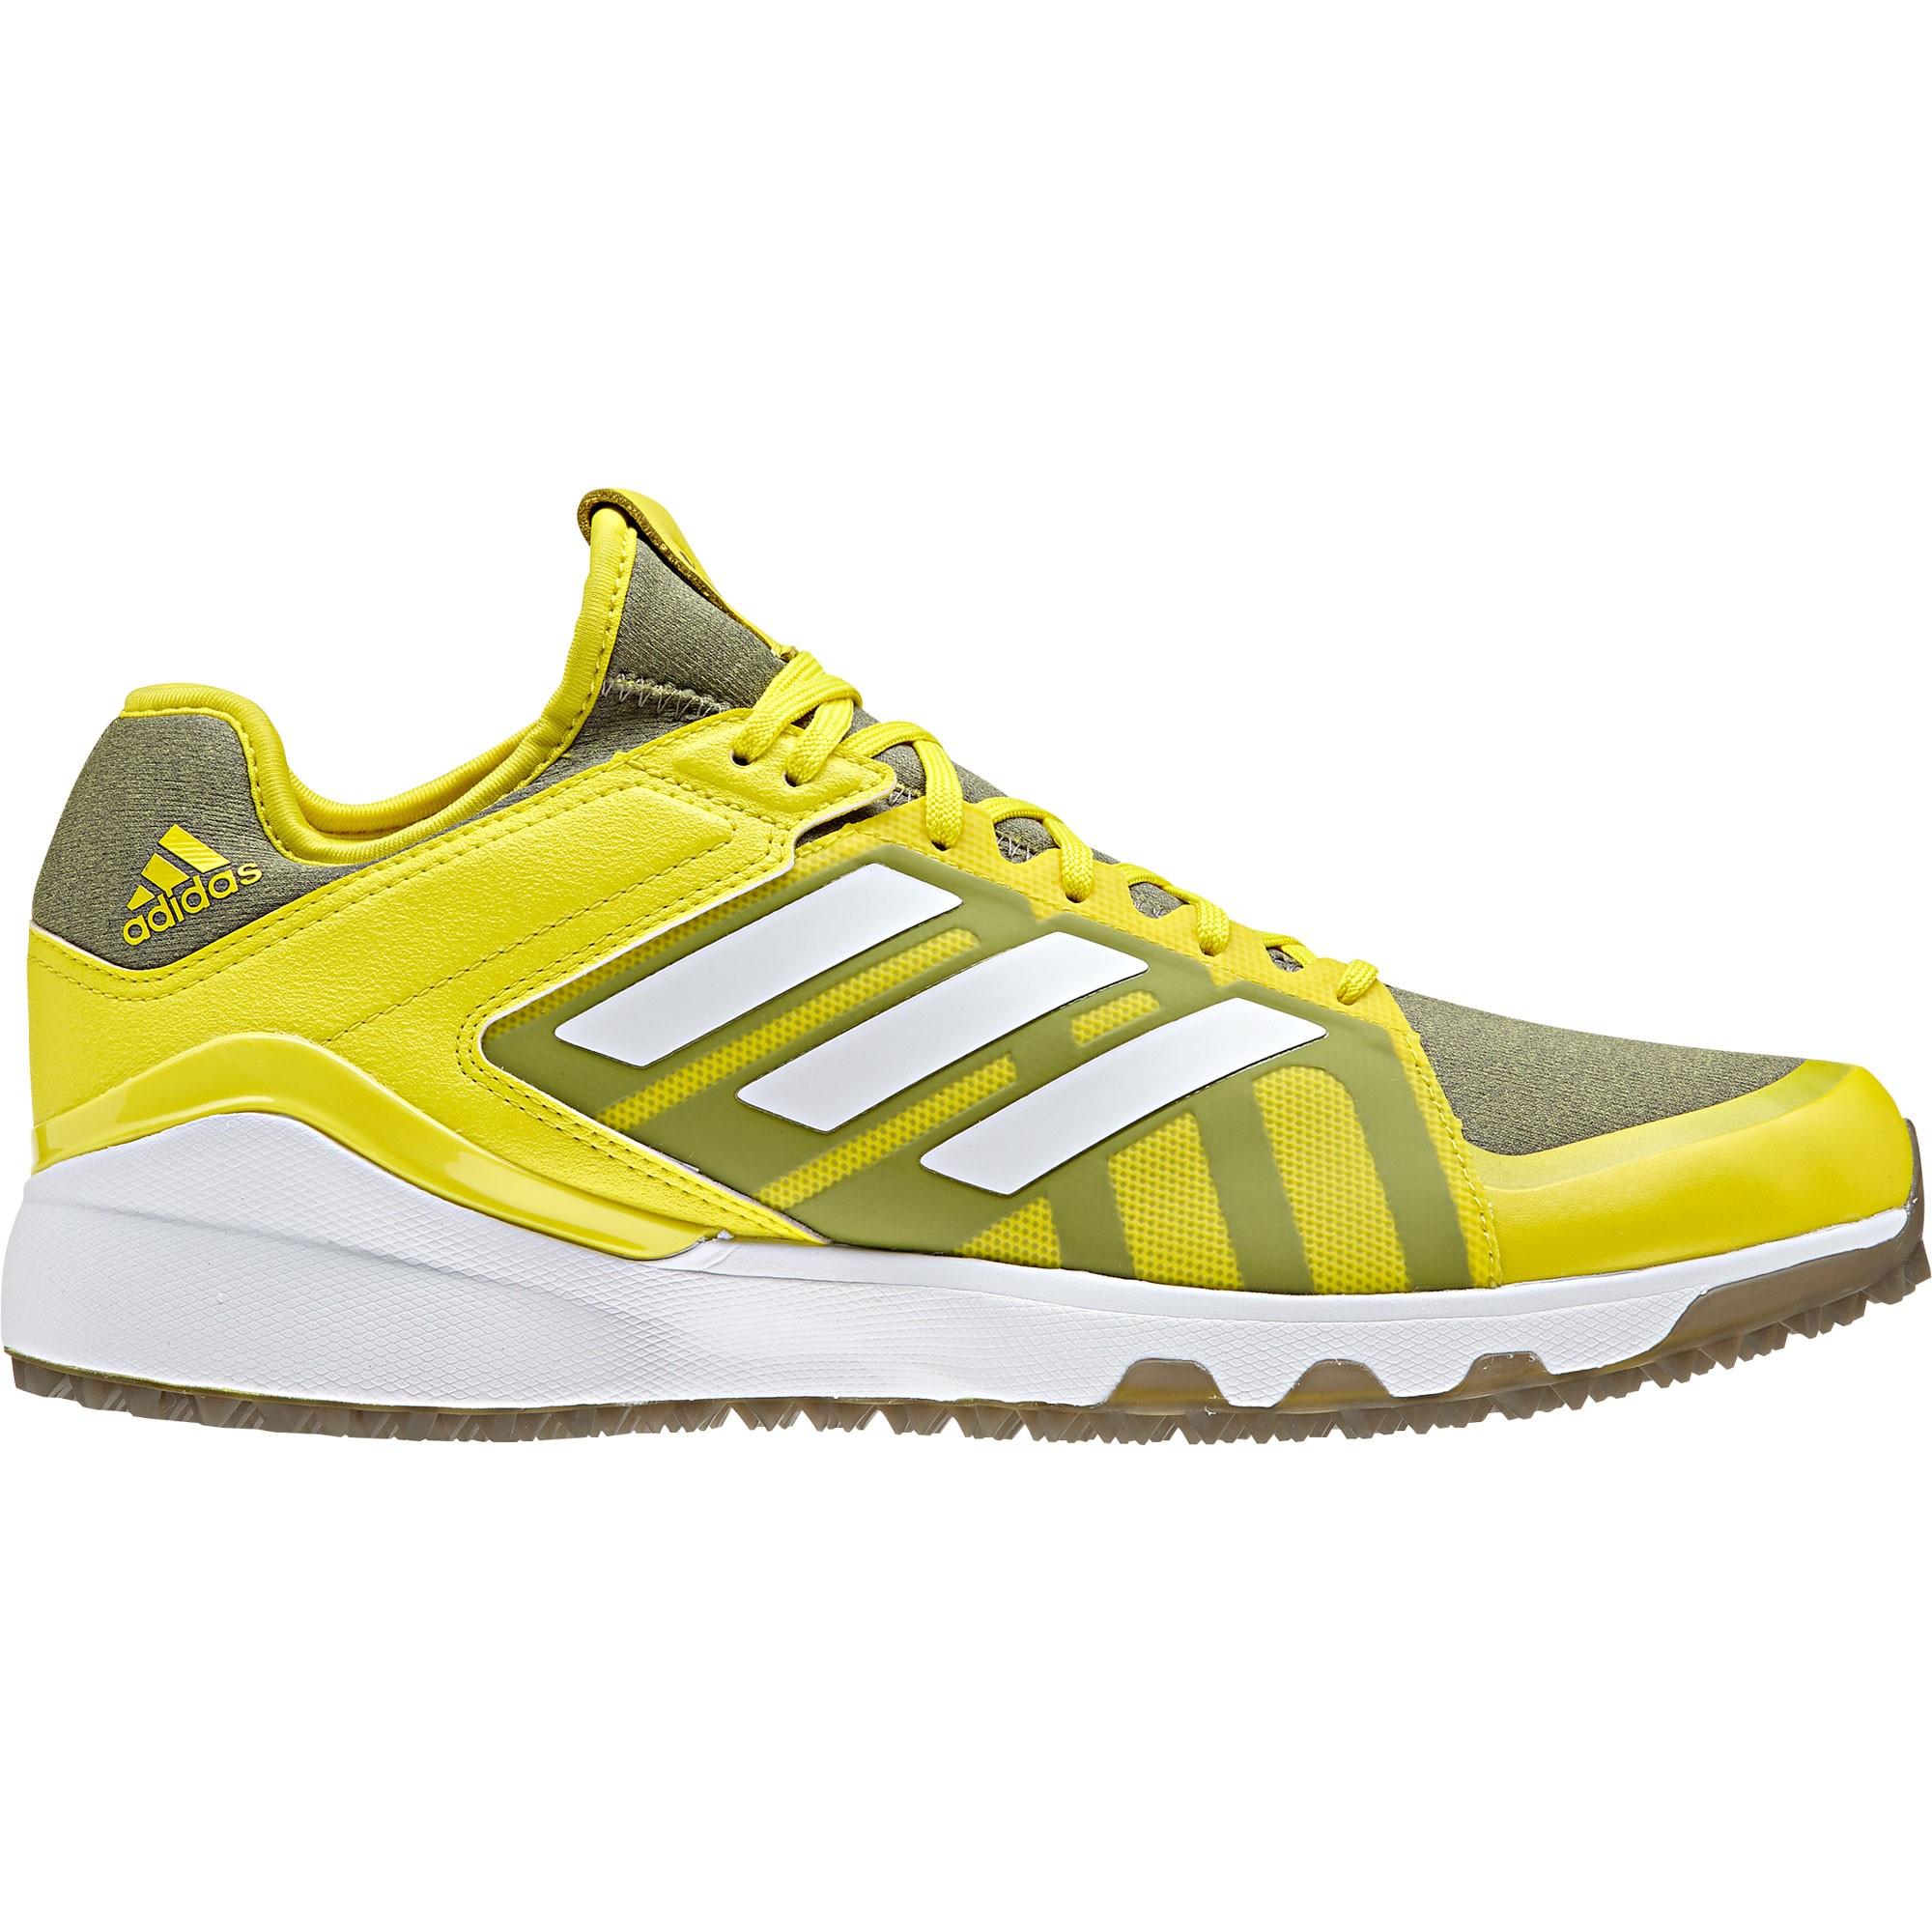 Afbeelding van Adidas Lux 1.9S Hockeyschoenen Heren Shock Yellow Ftwr White Trace Cargo